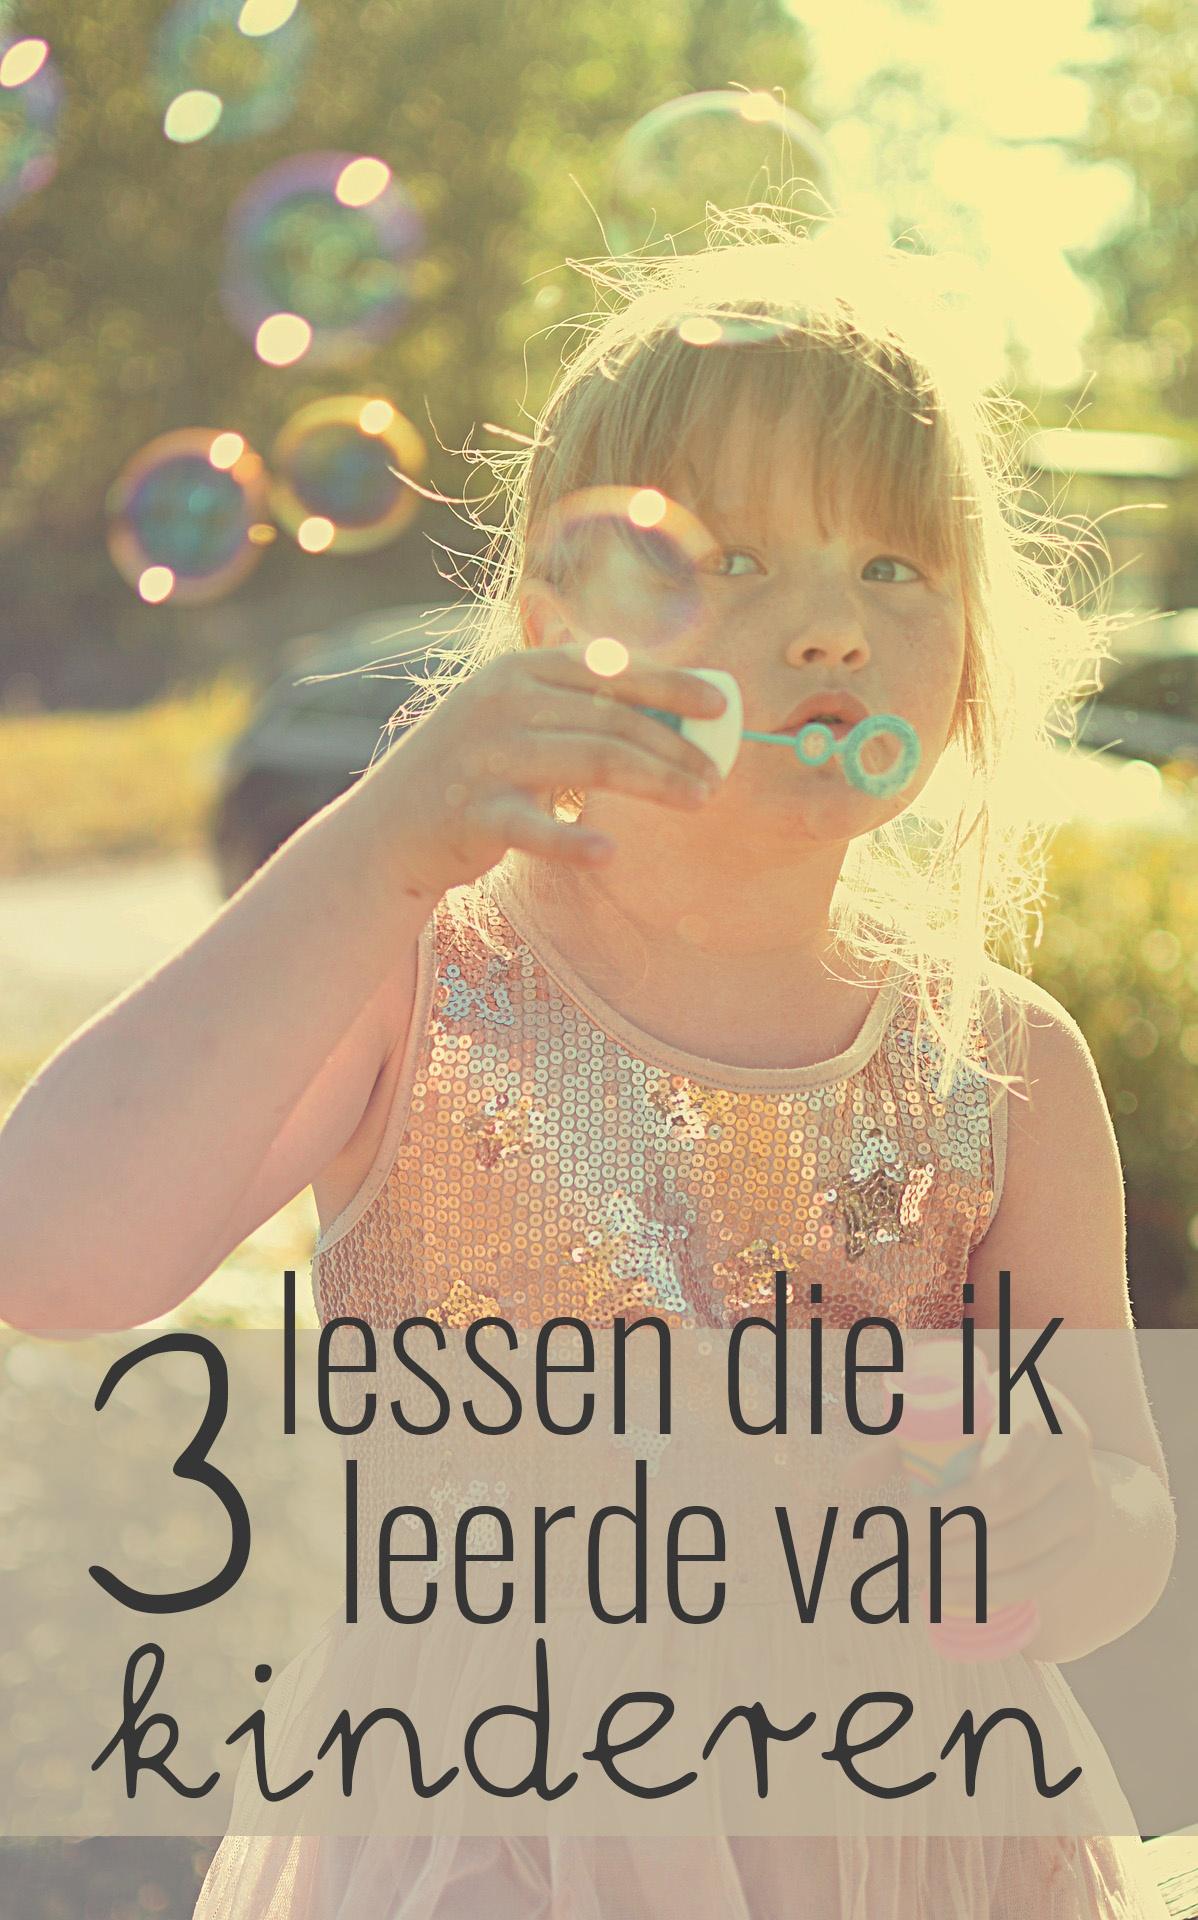 Als juf breng je een hoop kennis over op de kinderen, maar tegelijkertijd mag ik ook zoveel leren van hen. 3 lessen die ik leerde van kinderen.